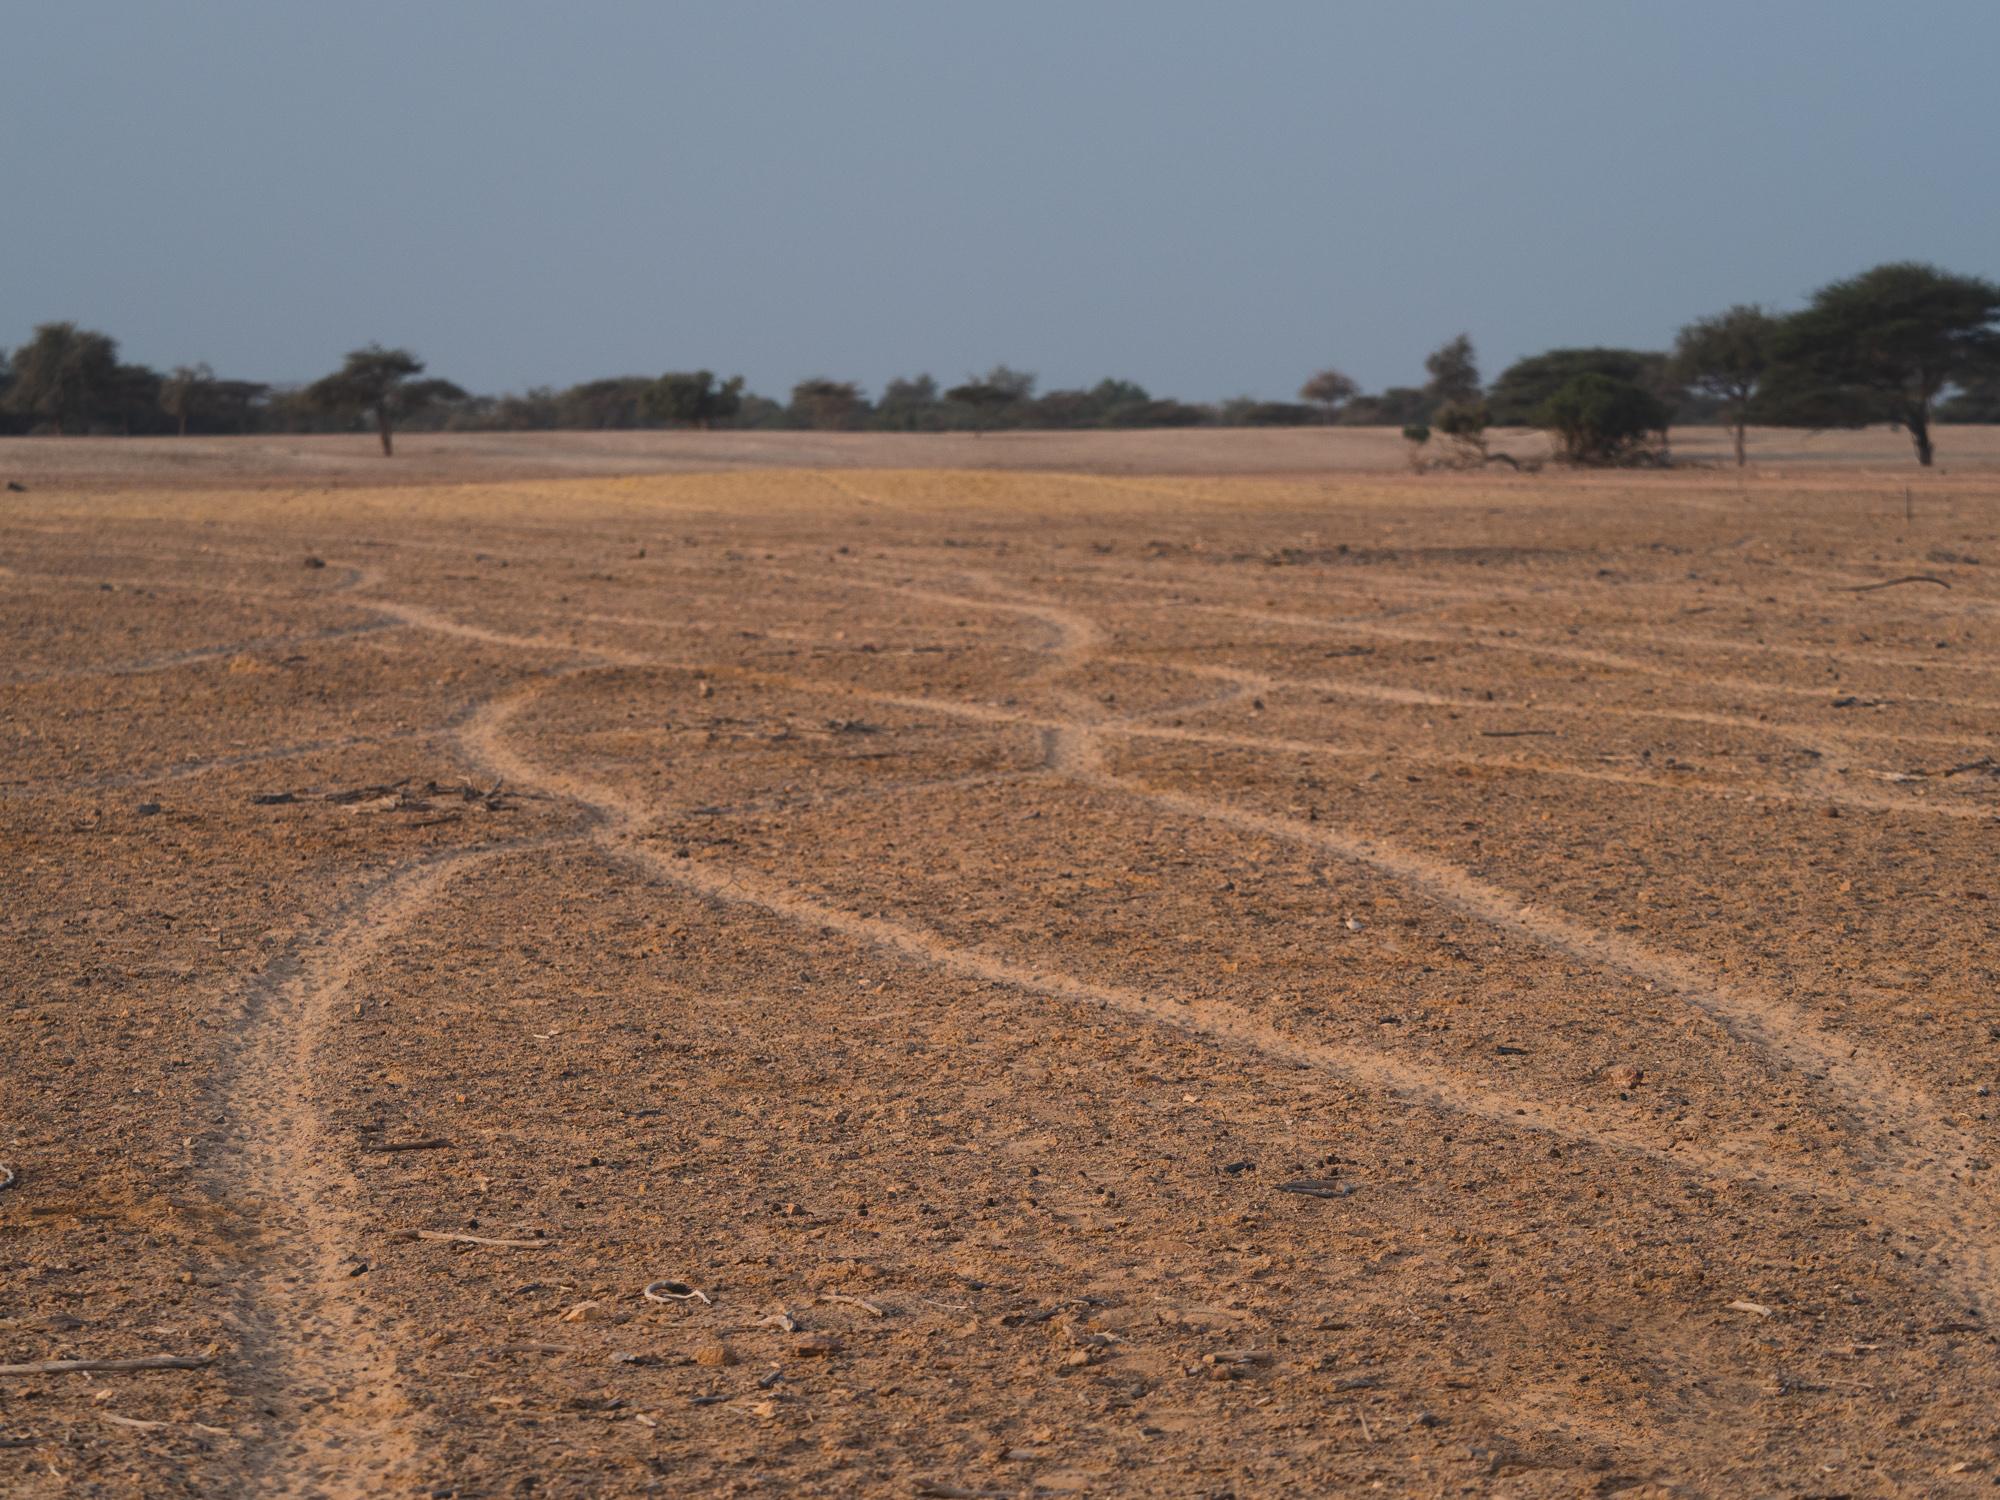 Car Tracks?